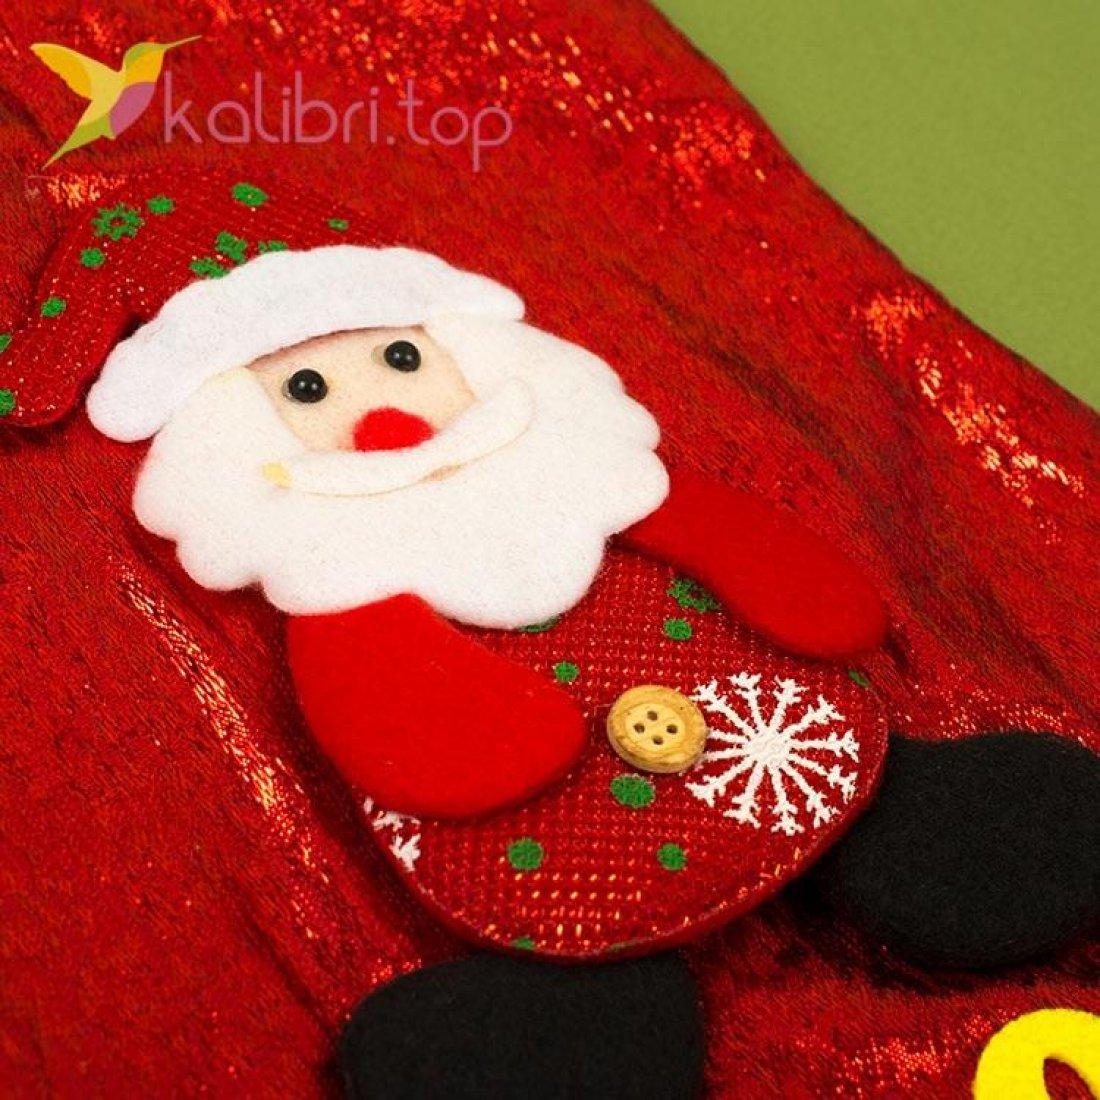 Сапожок для подарков большой с Дедом Морозом 1, оптом фото 2